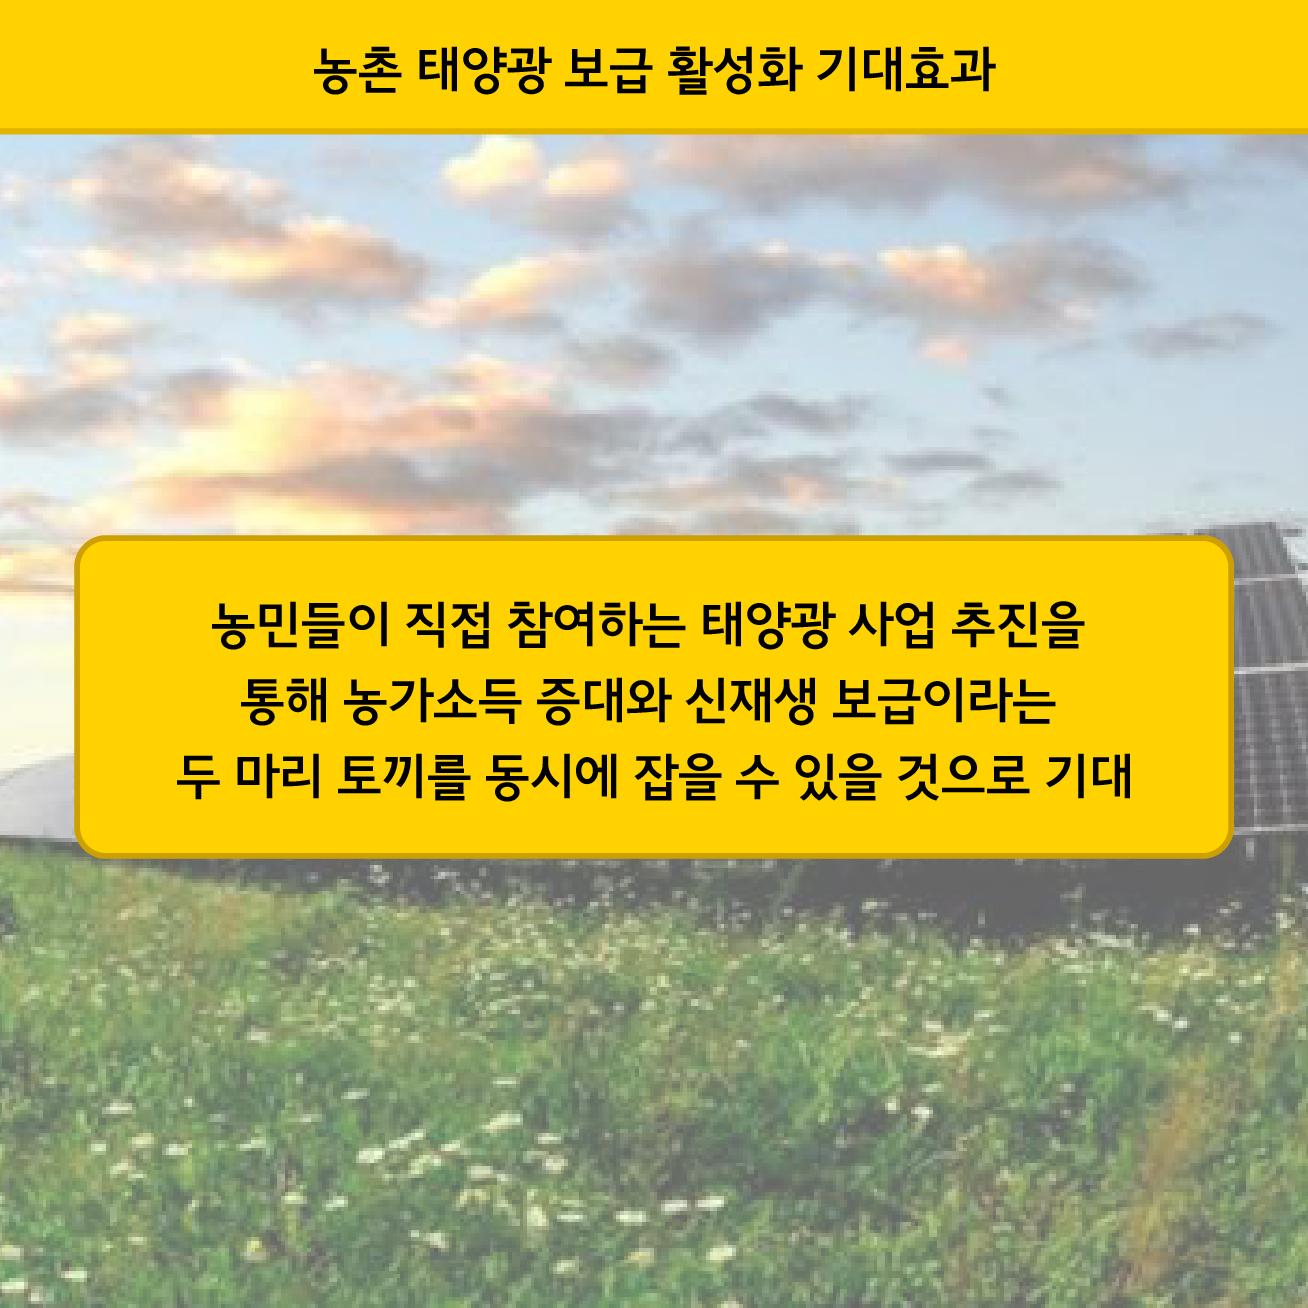 [아헤플]농촌 태양광 보급-05